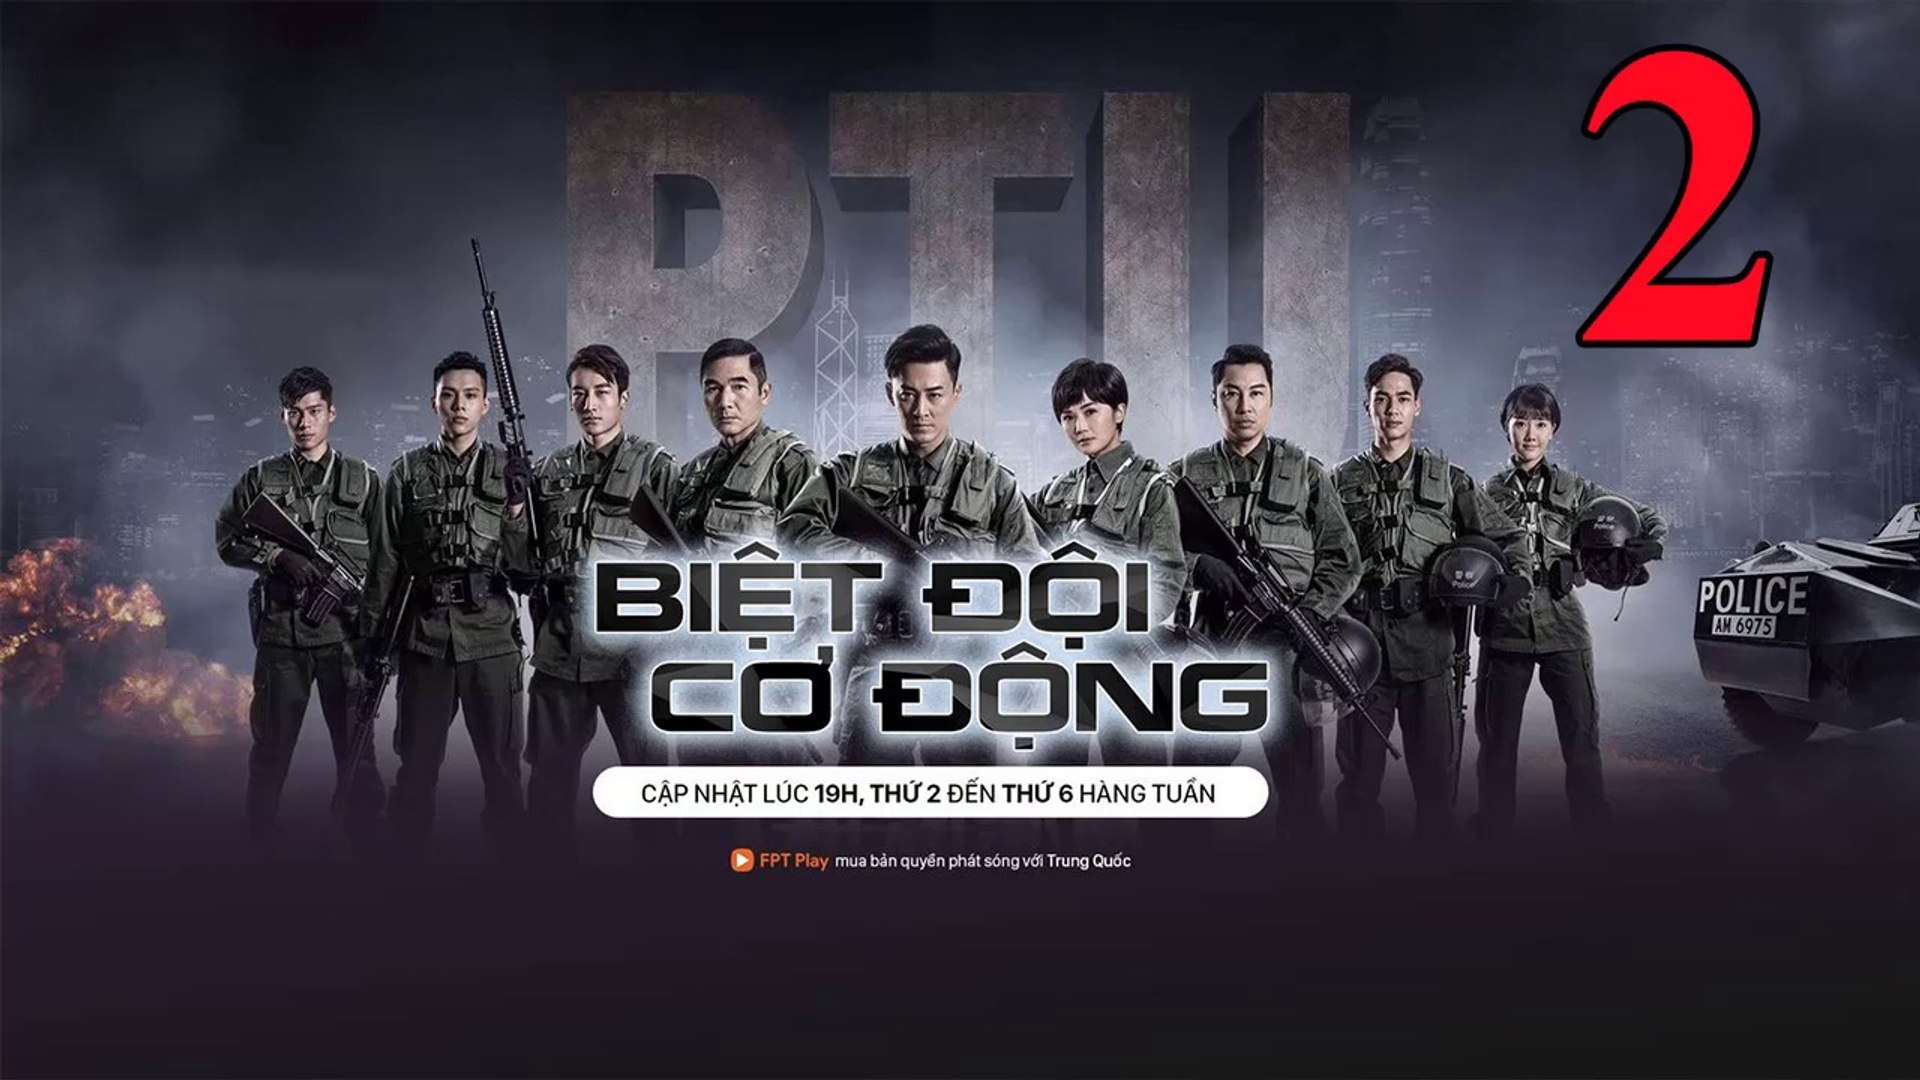 Phim Hành Động TVB: Biệt Đội Cơ Động Tập 2 Vietsub | 机动部队 Police Tactical Unit Ep.2  HD 2019